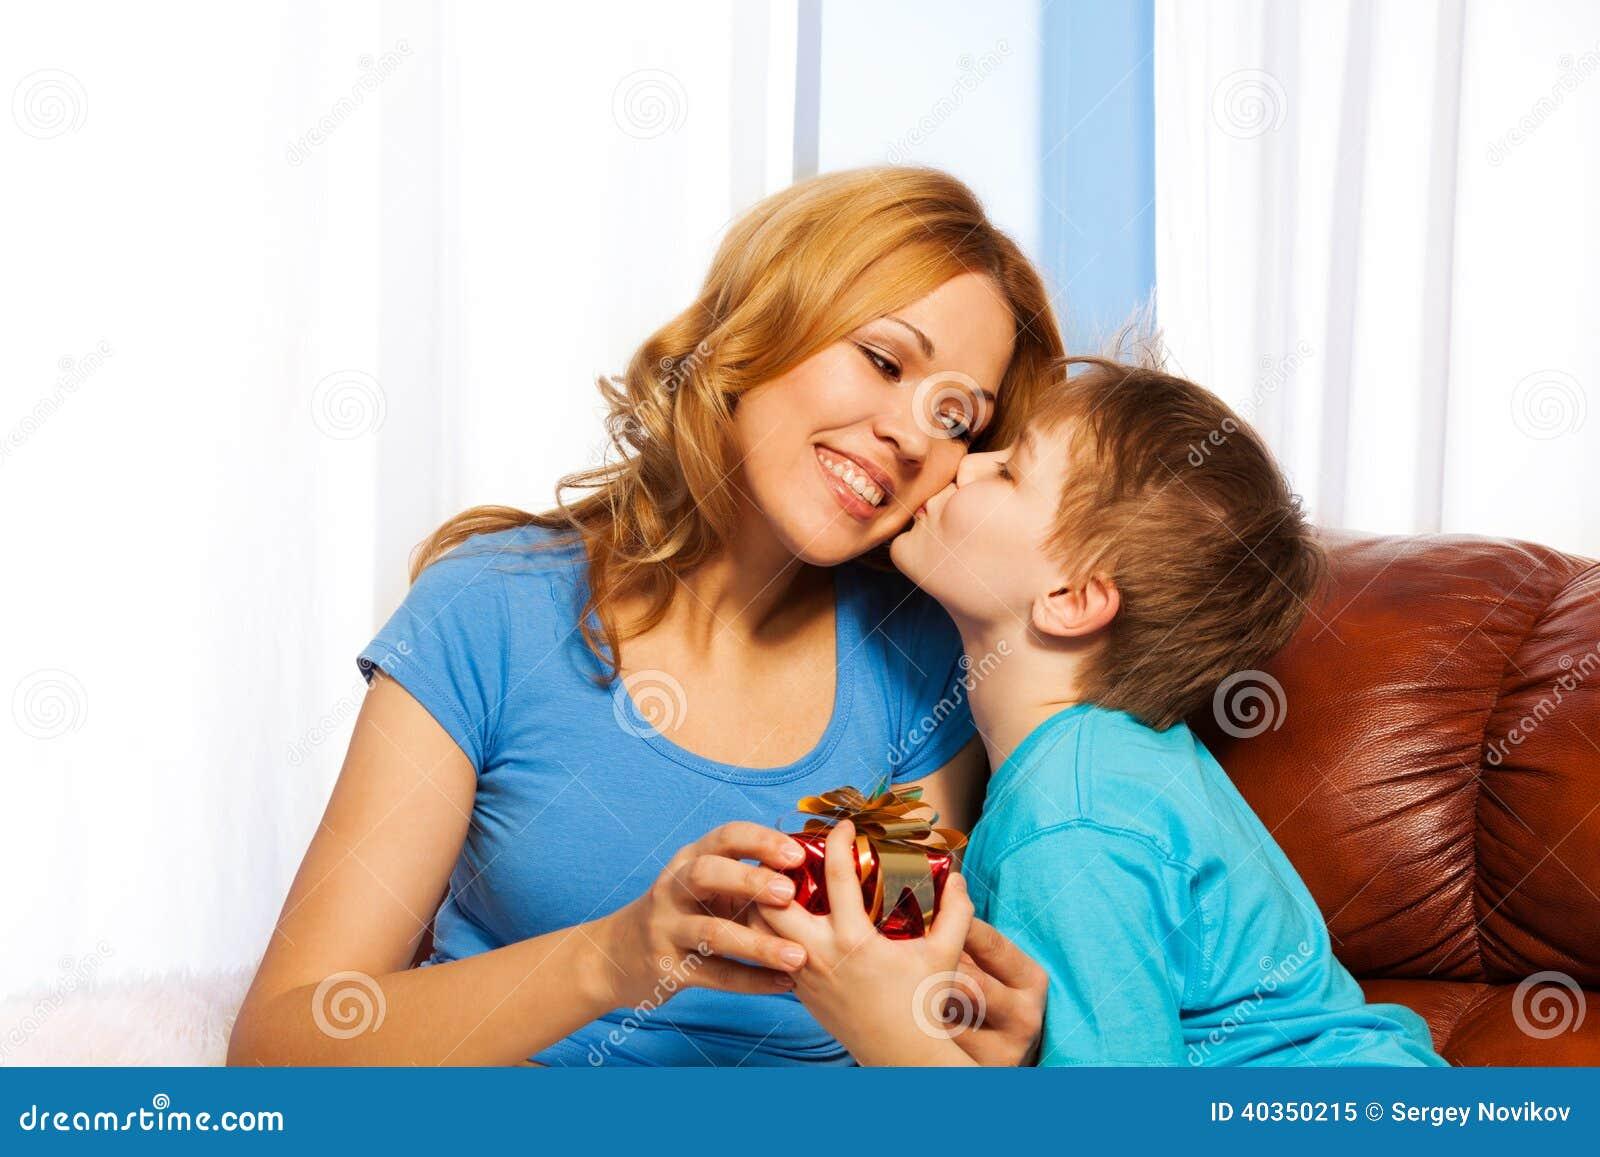 Сын чмокнул свою мать, Сын ебёт маму -видео. Смотреть сын ебёт маму 23 фотография